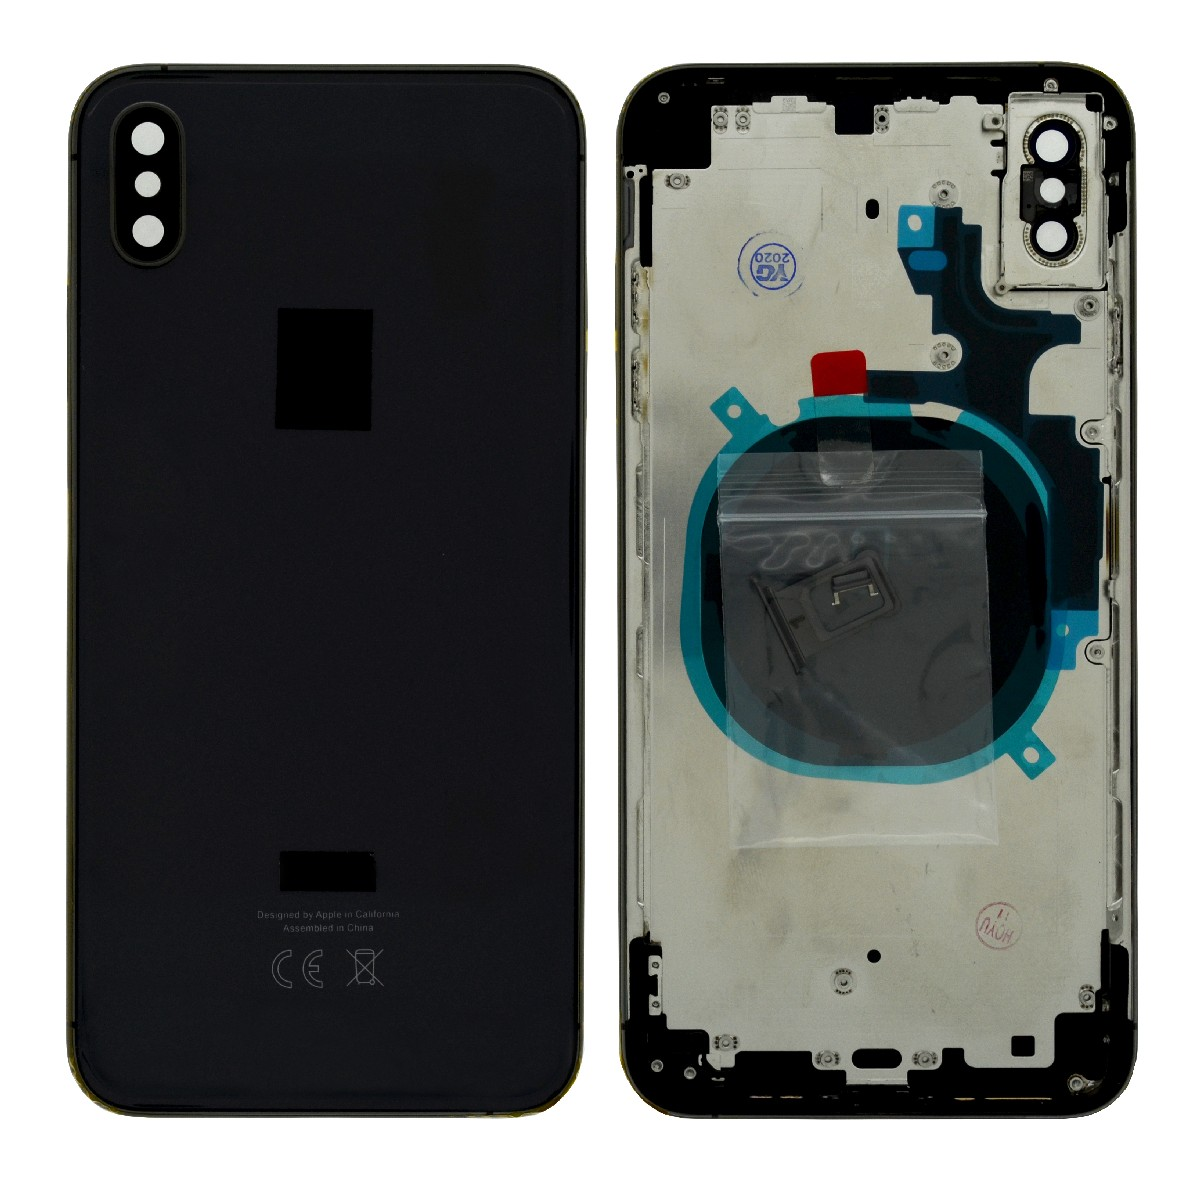 Καπάκι Μπαταρίας με Πλαίσιο για Apple iPhone XS Max Μαύρο με Παρελκόμενα OEM Type A